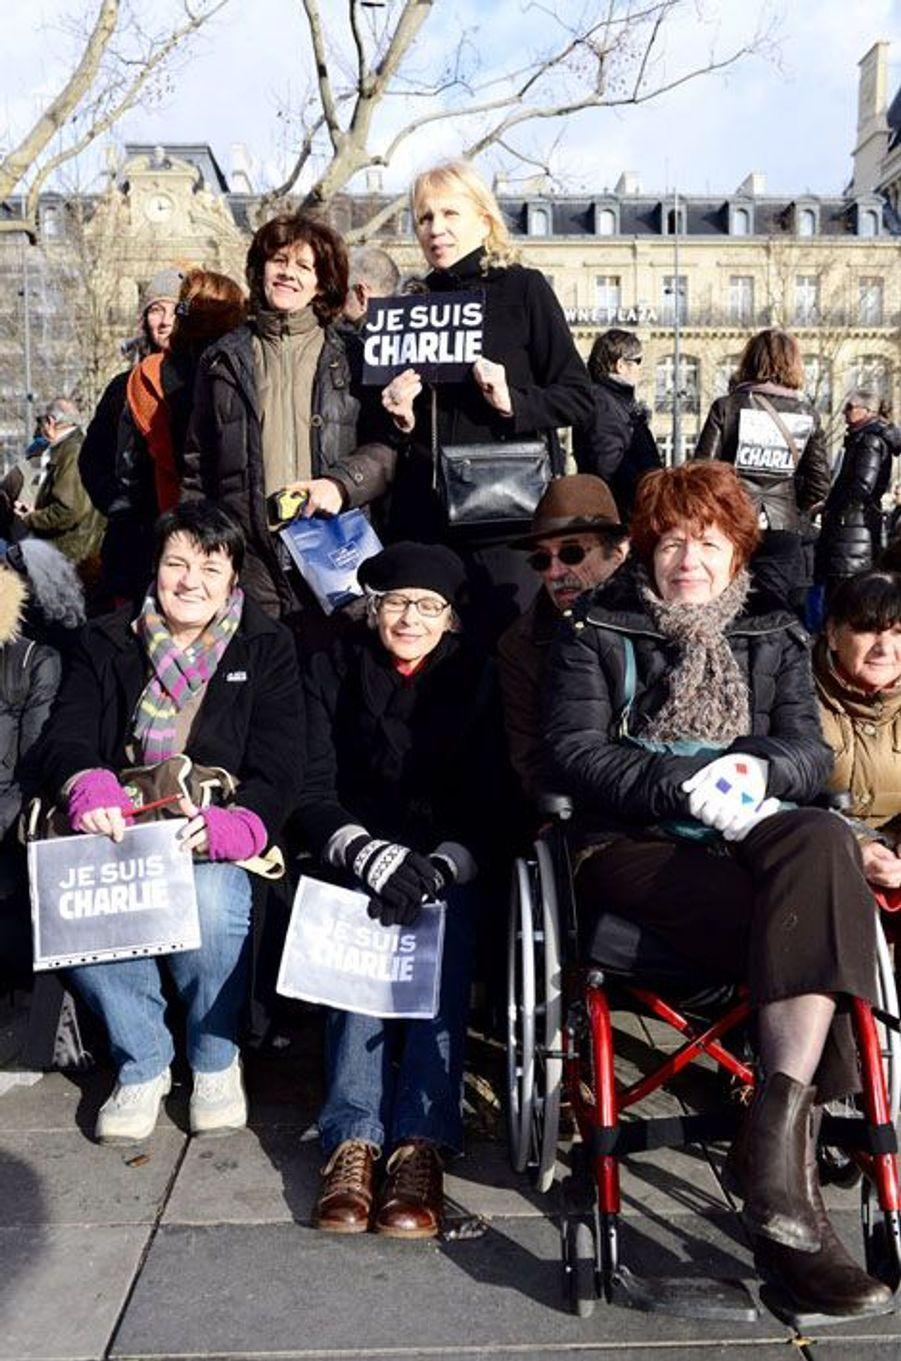 Bénédicte, Claudine et leur amie en fauteuil roulant